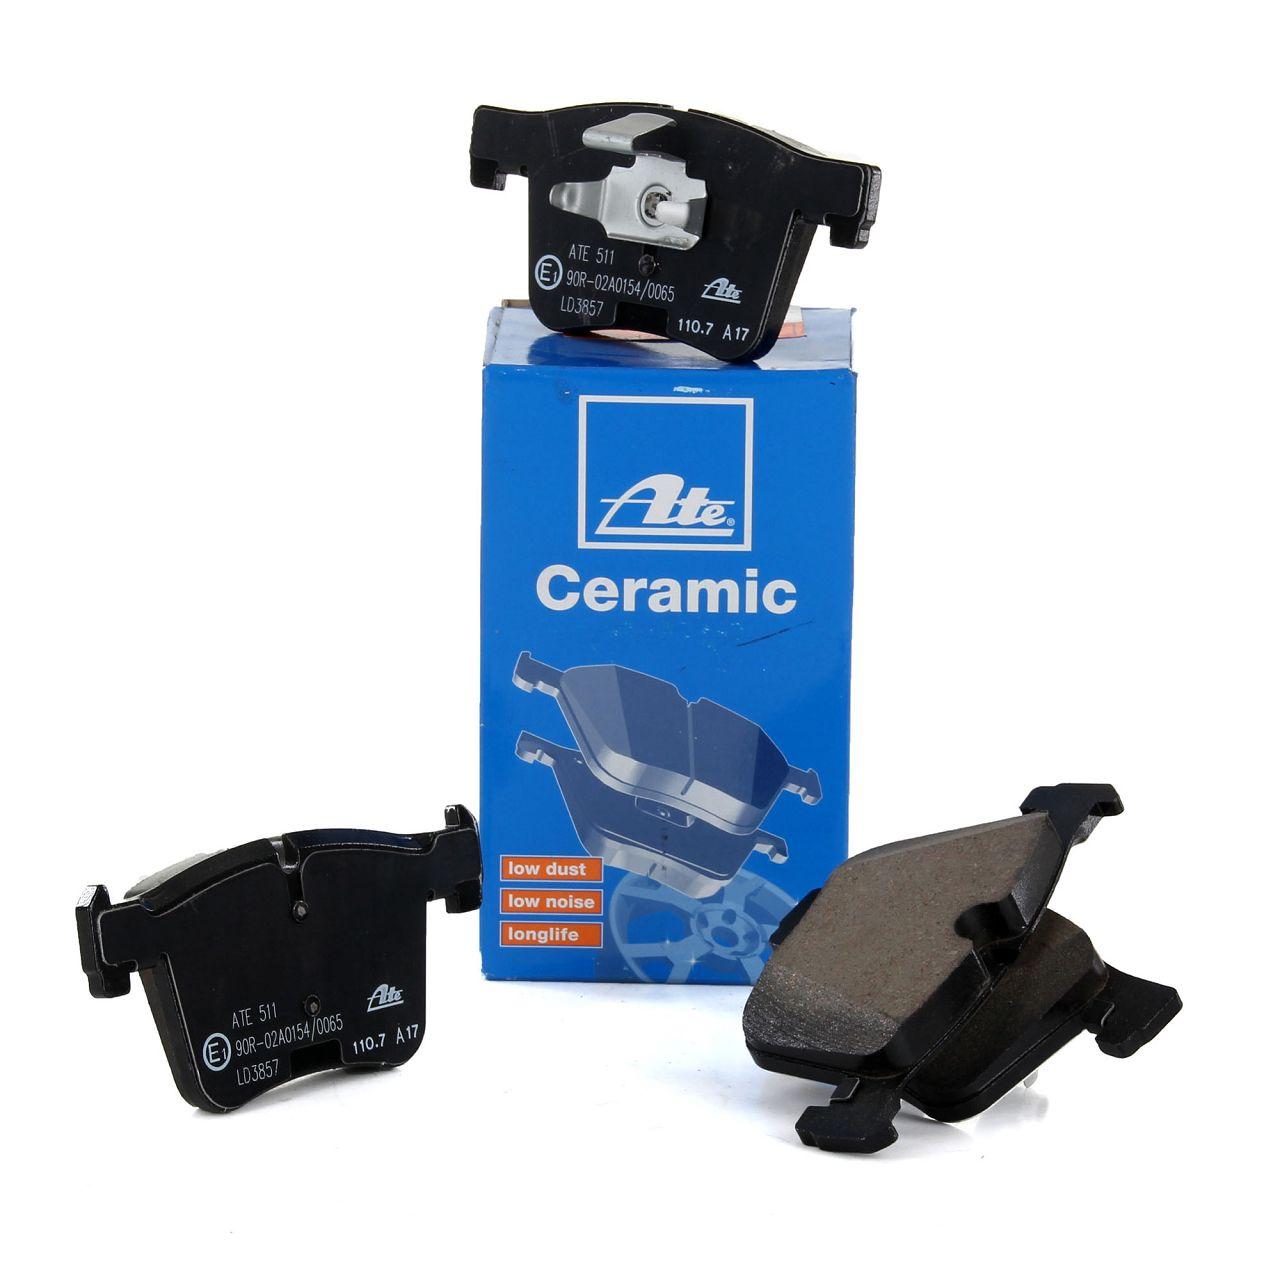 ATE CERAMIC Bremsbeläge BMW F20 F21 F22 F23 F30-34 F32-36 X3 F25 X4 F26 vorne